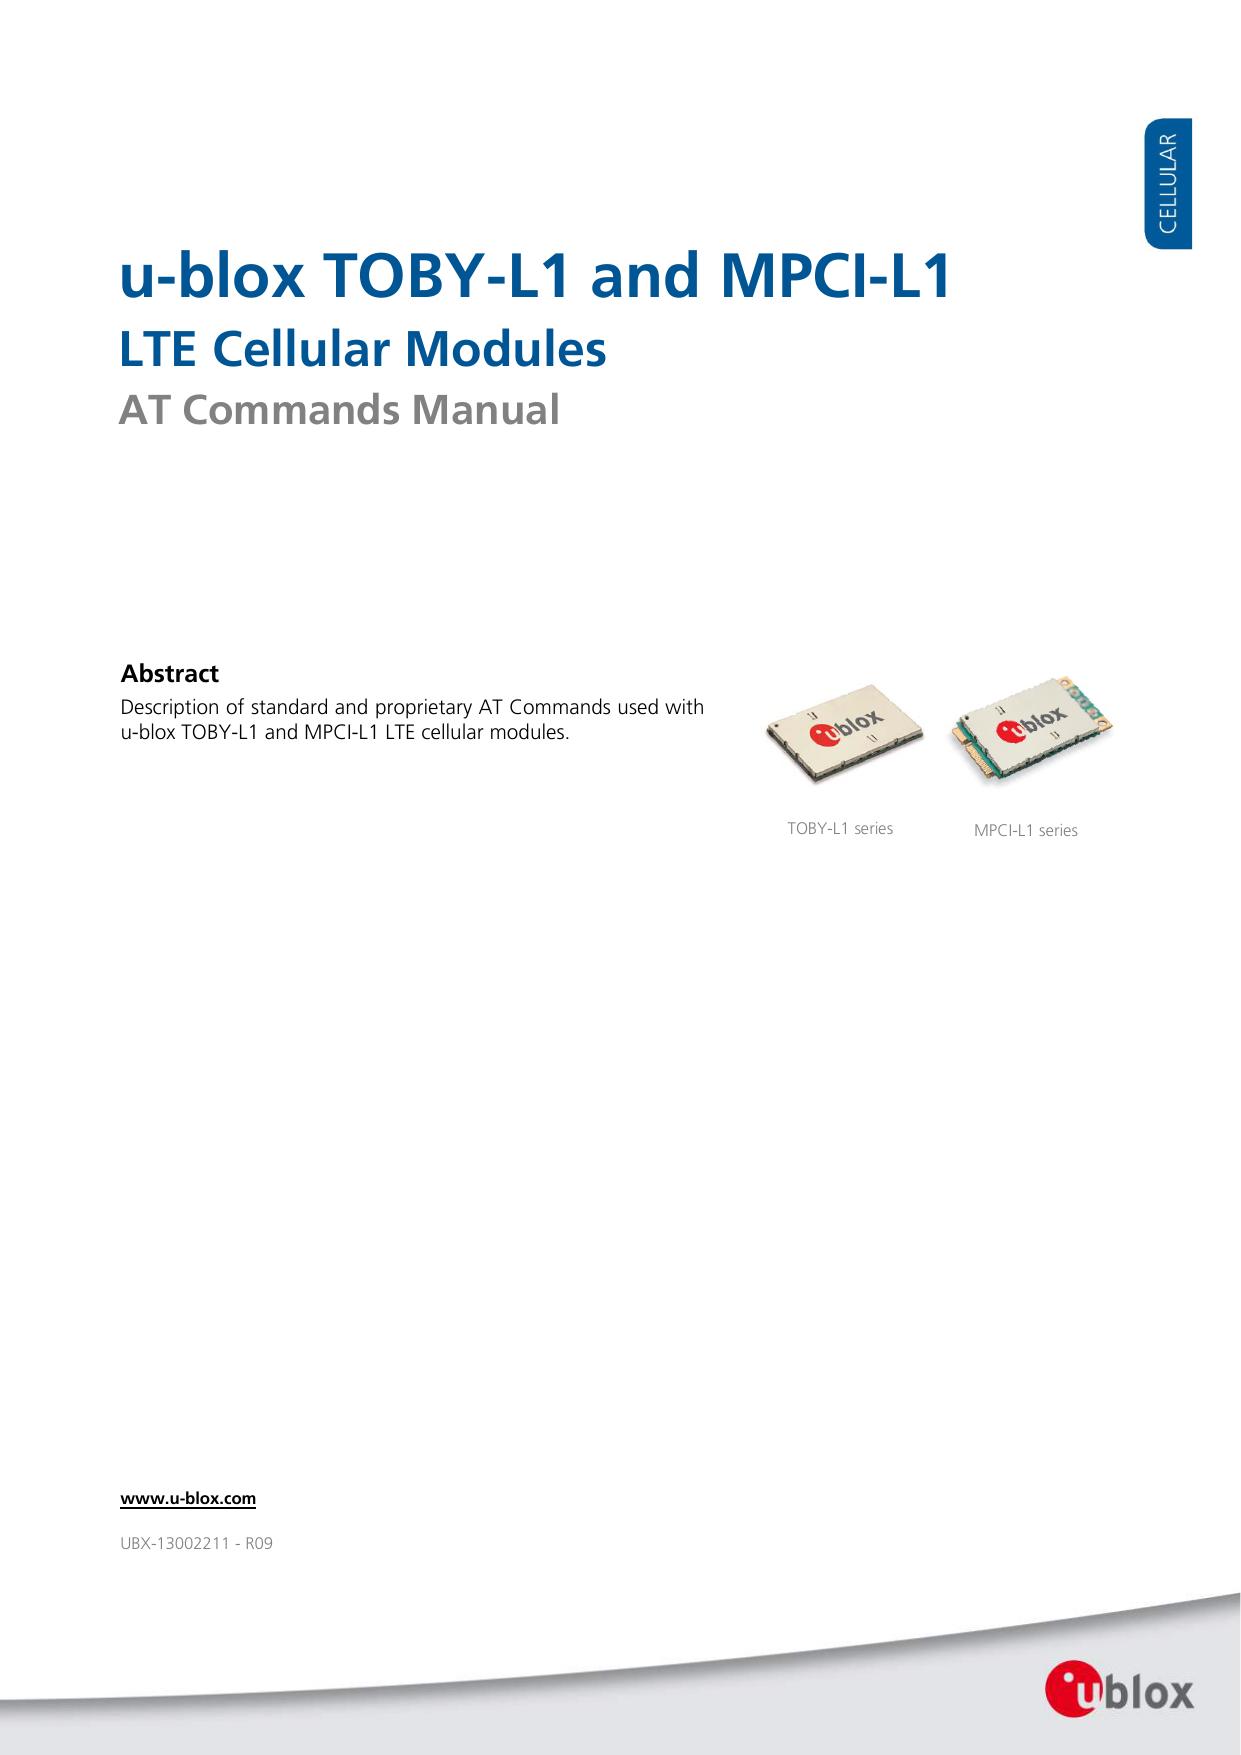 u-blox TOBY-L1 and MPCI-L1 | manualzz com